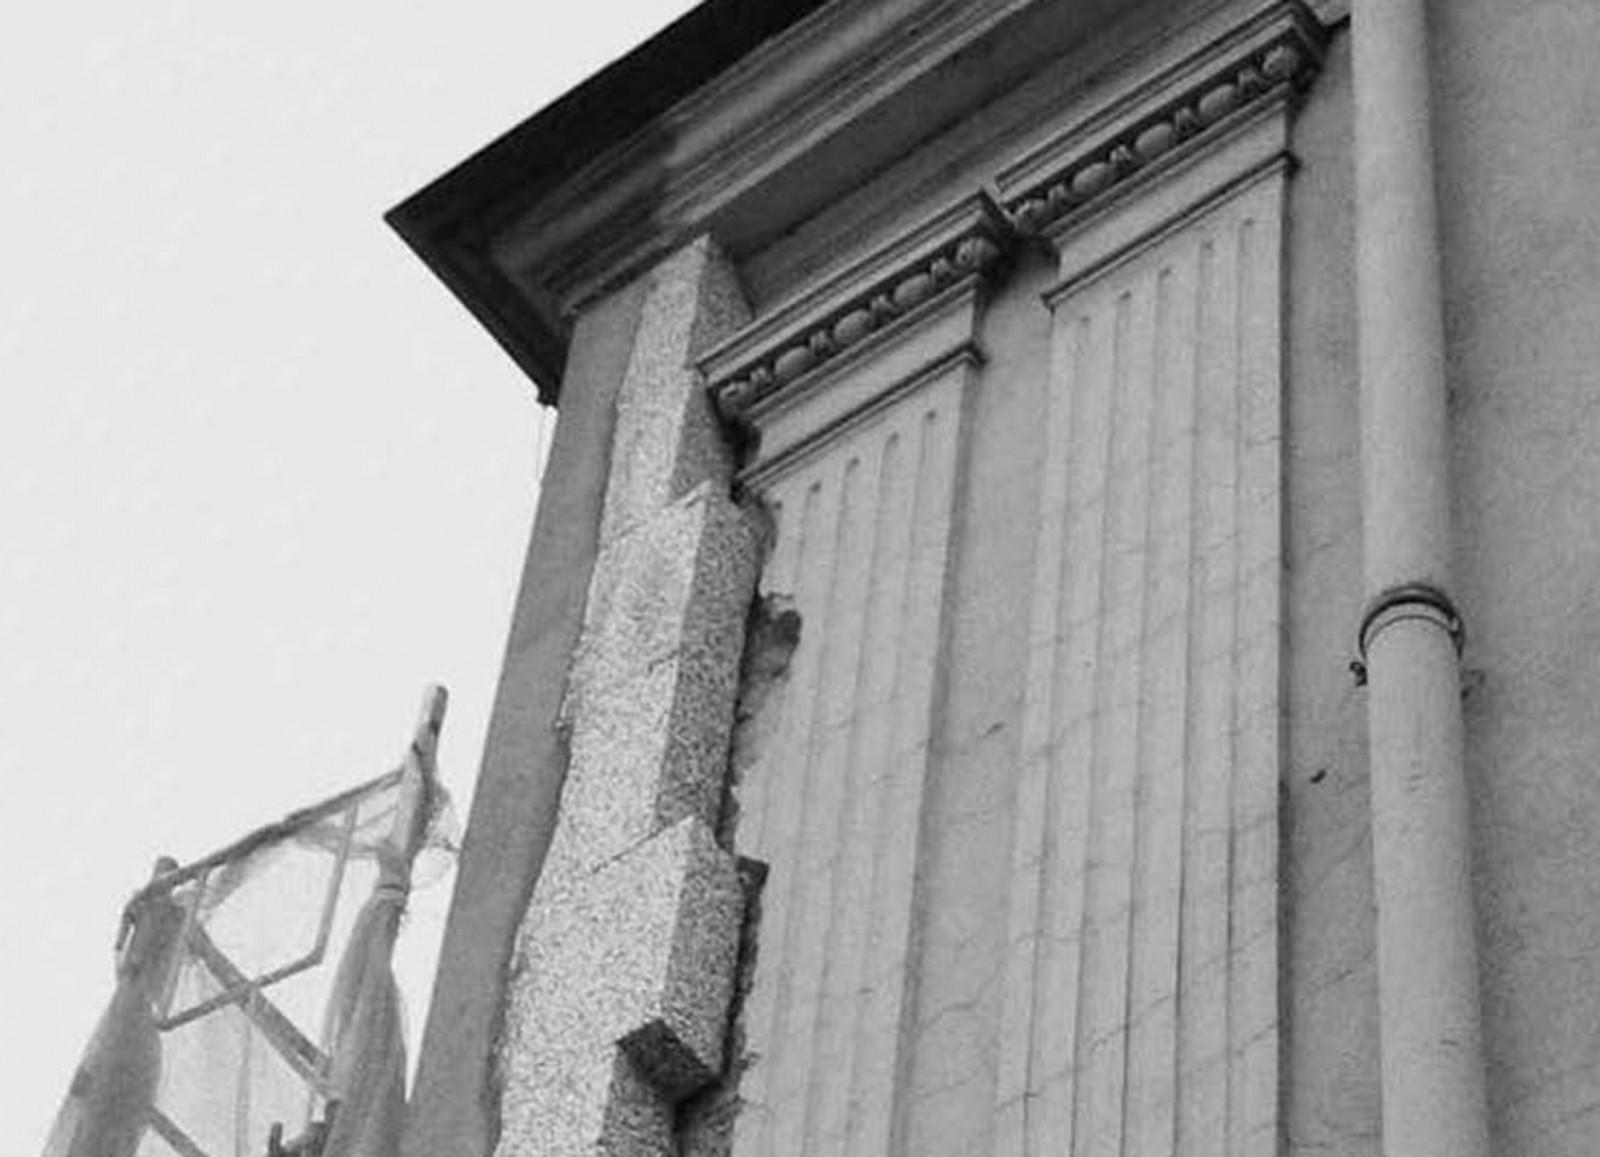 La problématique de la rénovation énergétique © Inspection nationale des monuments historiques d'Autriche